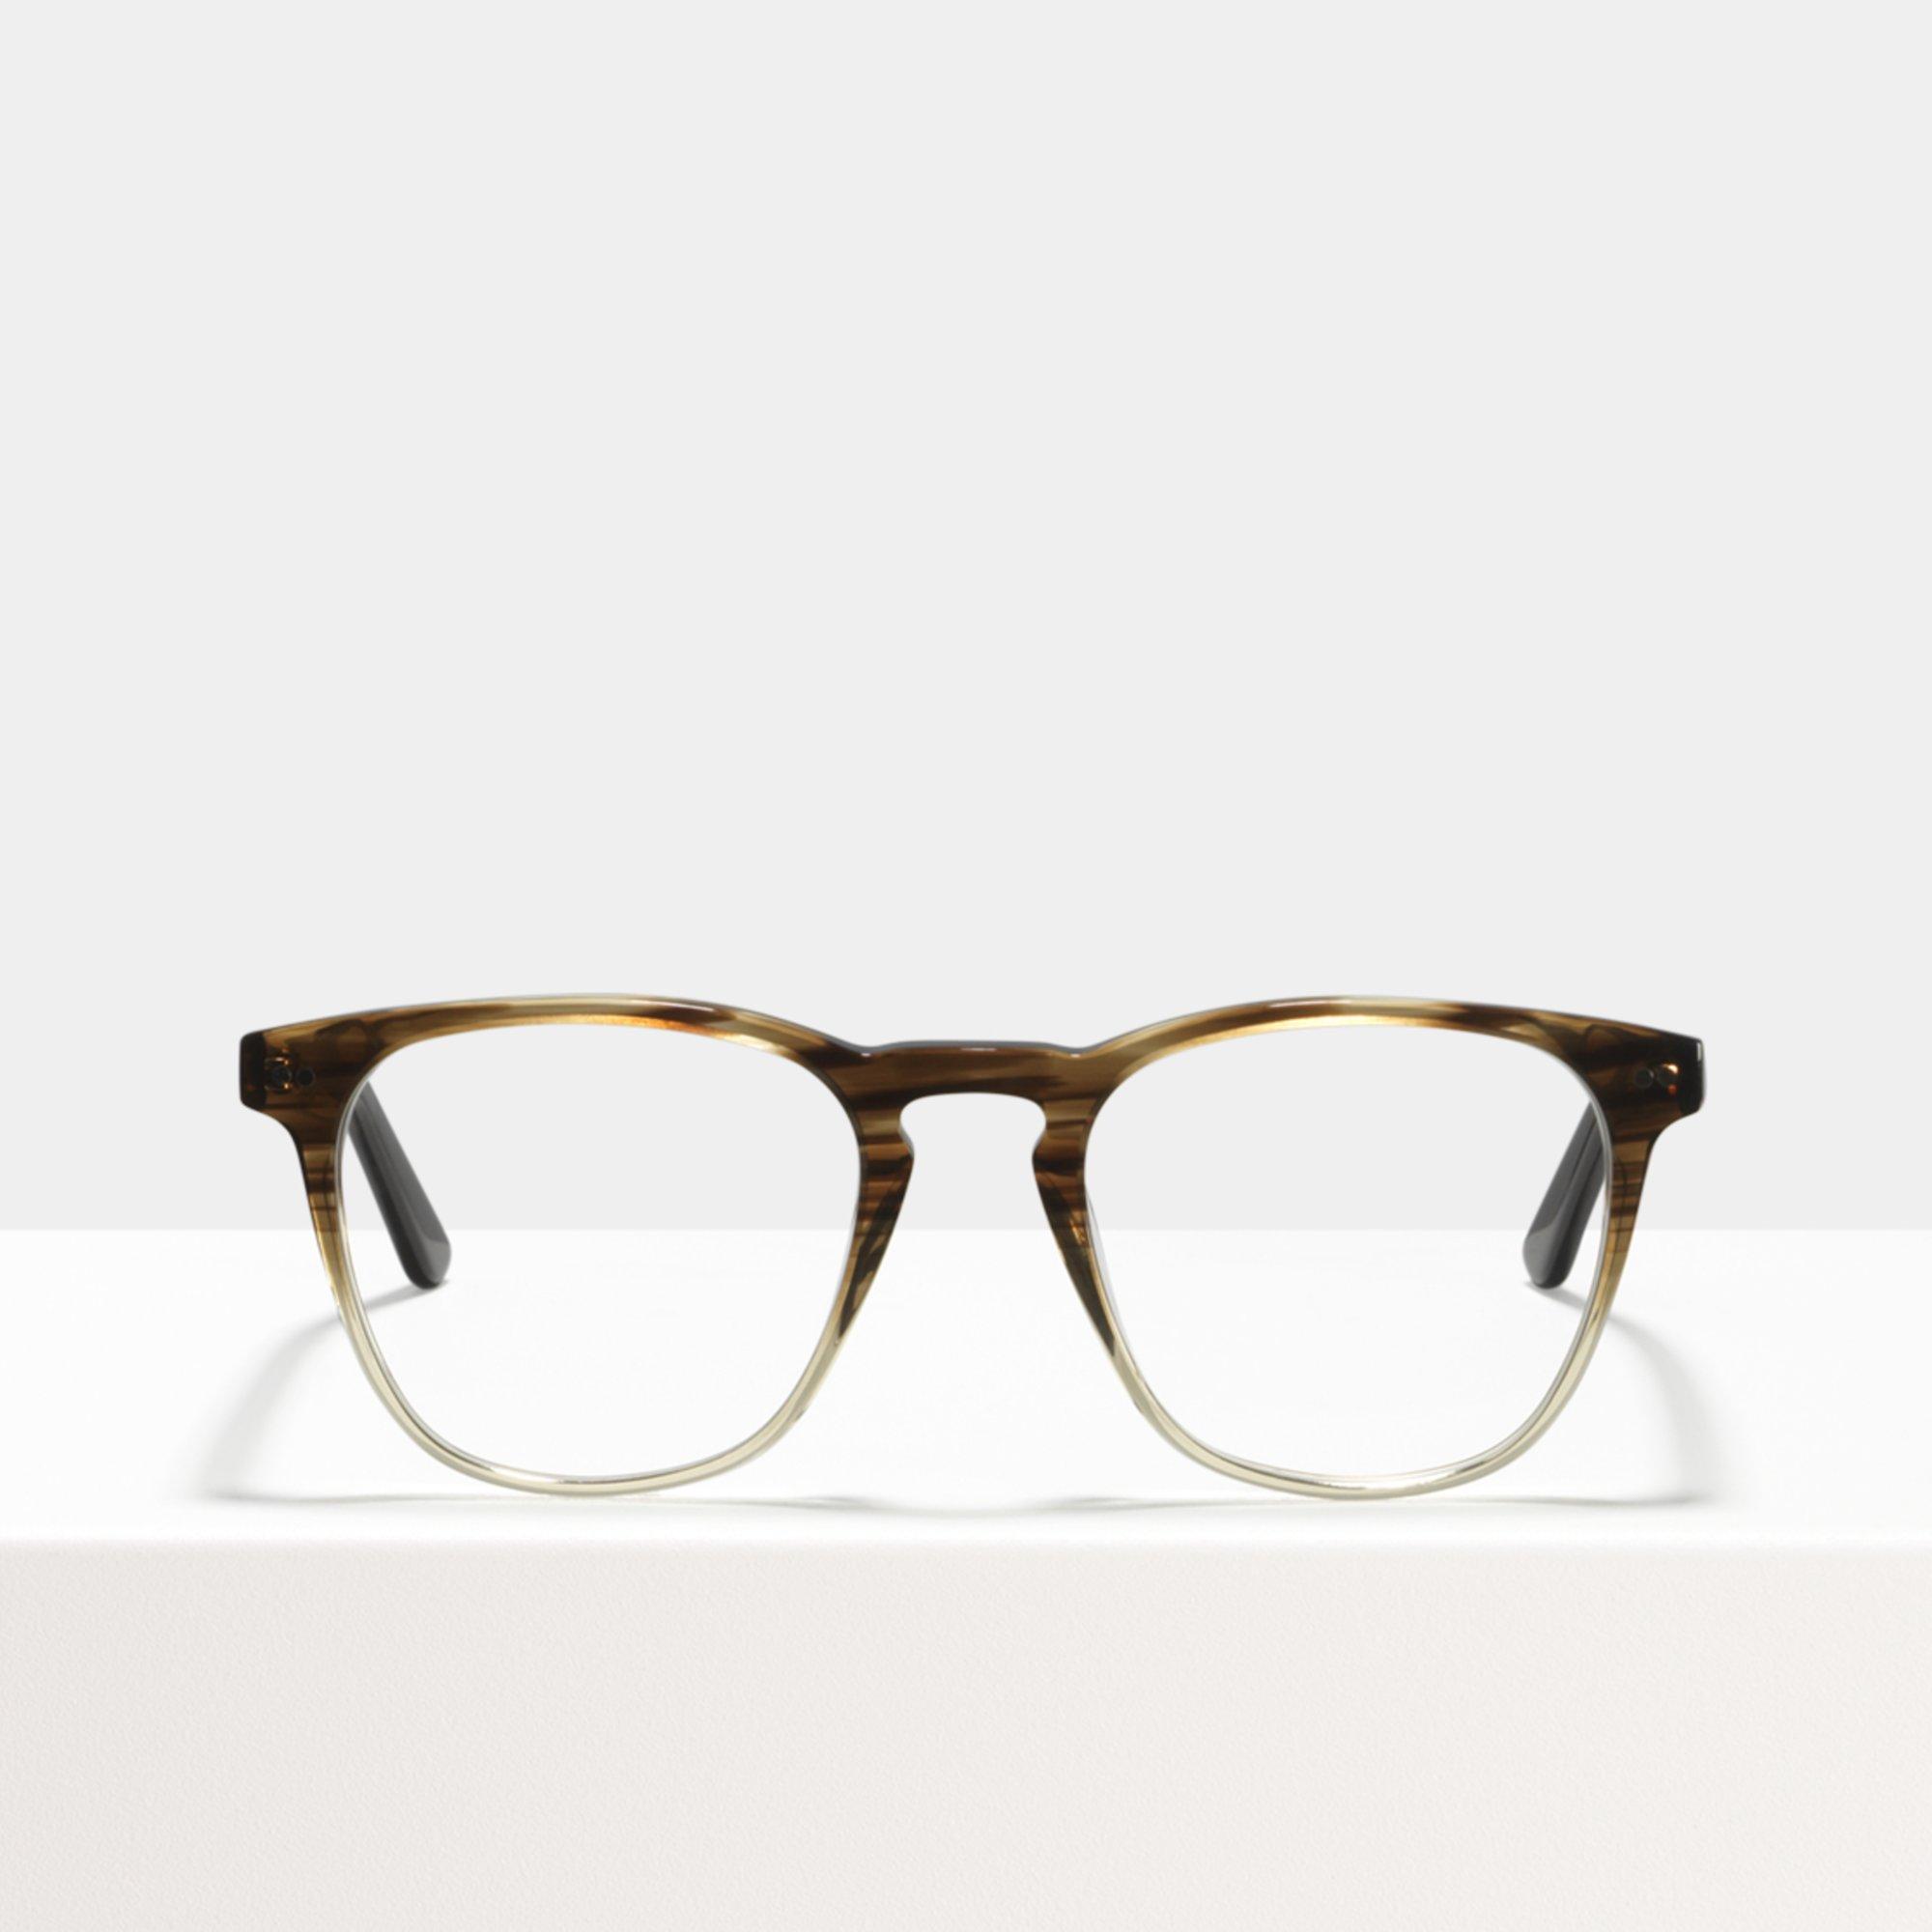 Ace & Tate Glasses | quadratisch Acetat in Braun, Transparent